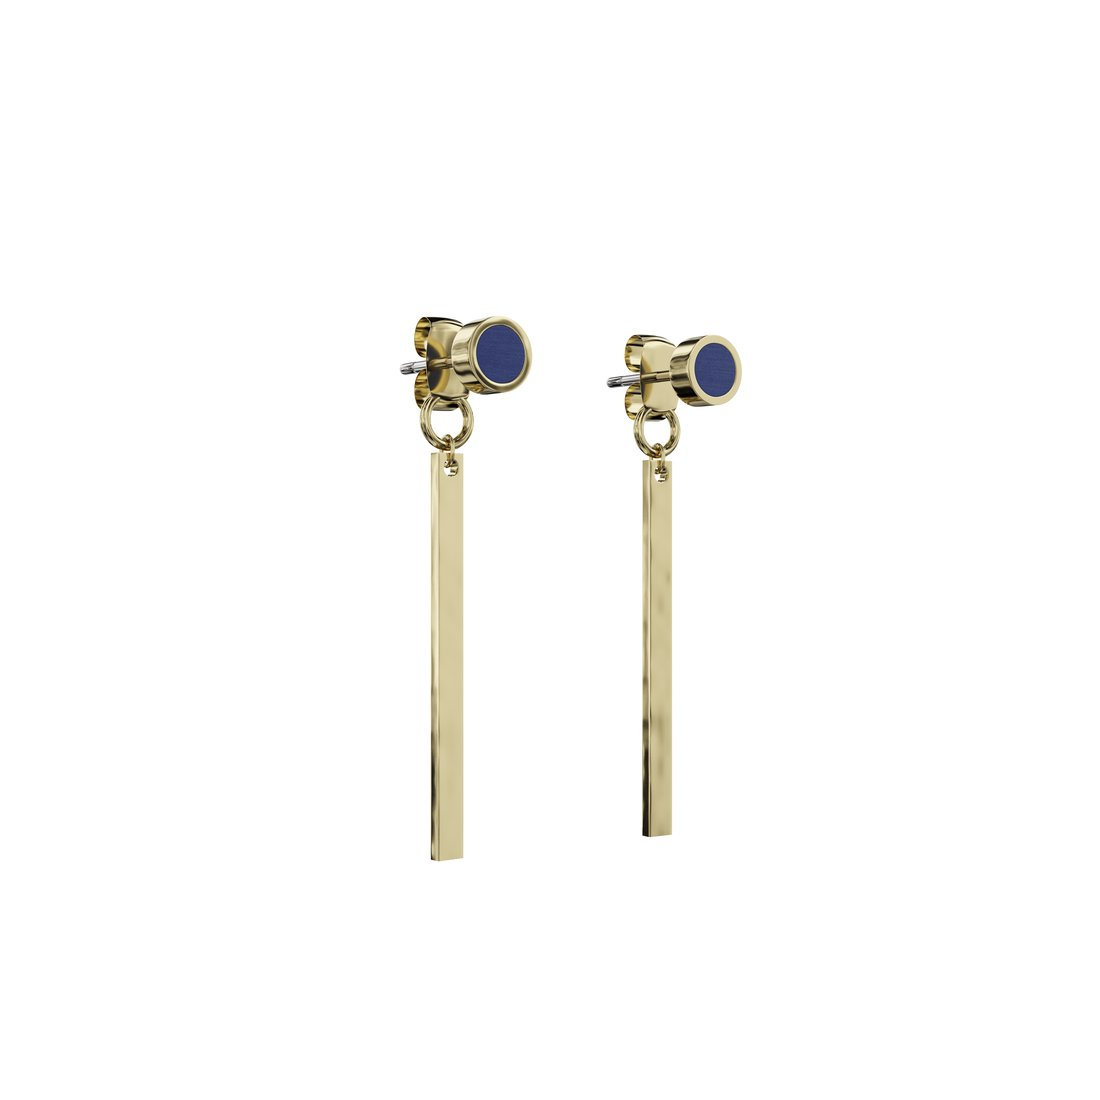 Øreringe kongeblå i guld og træ med guldstang